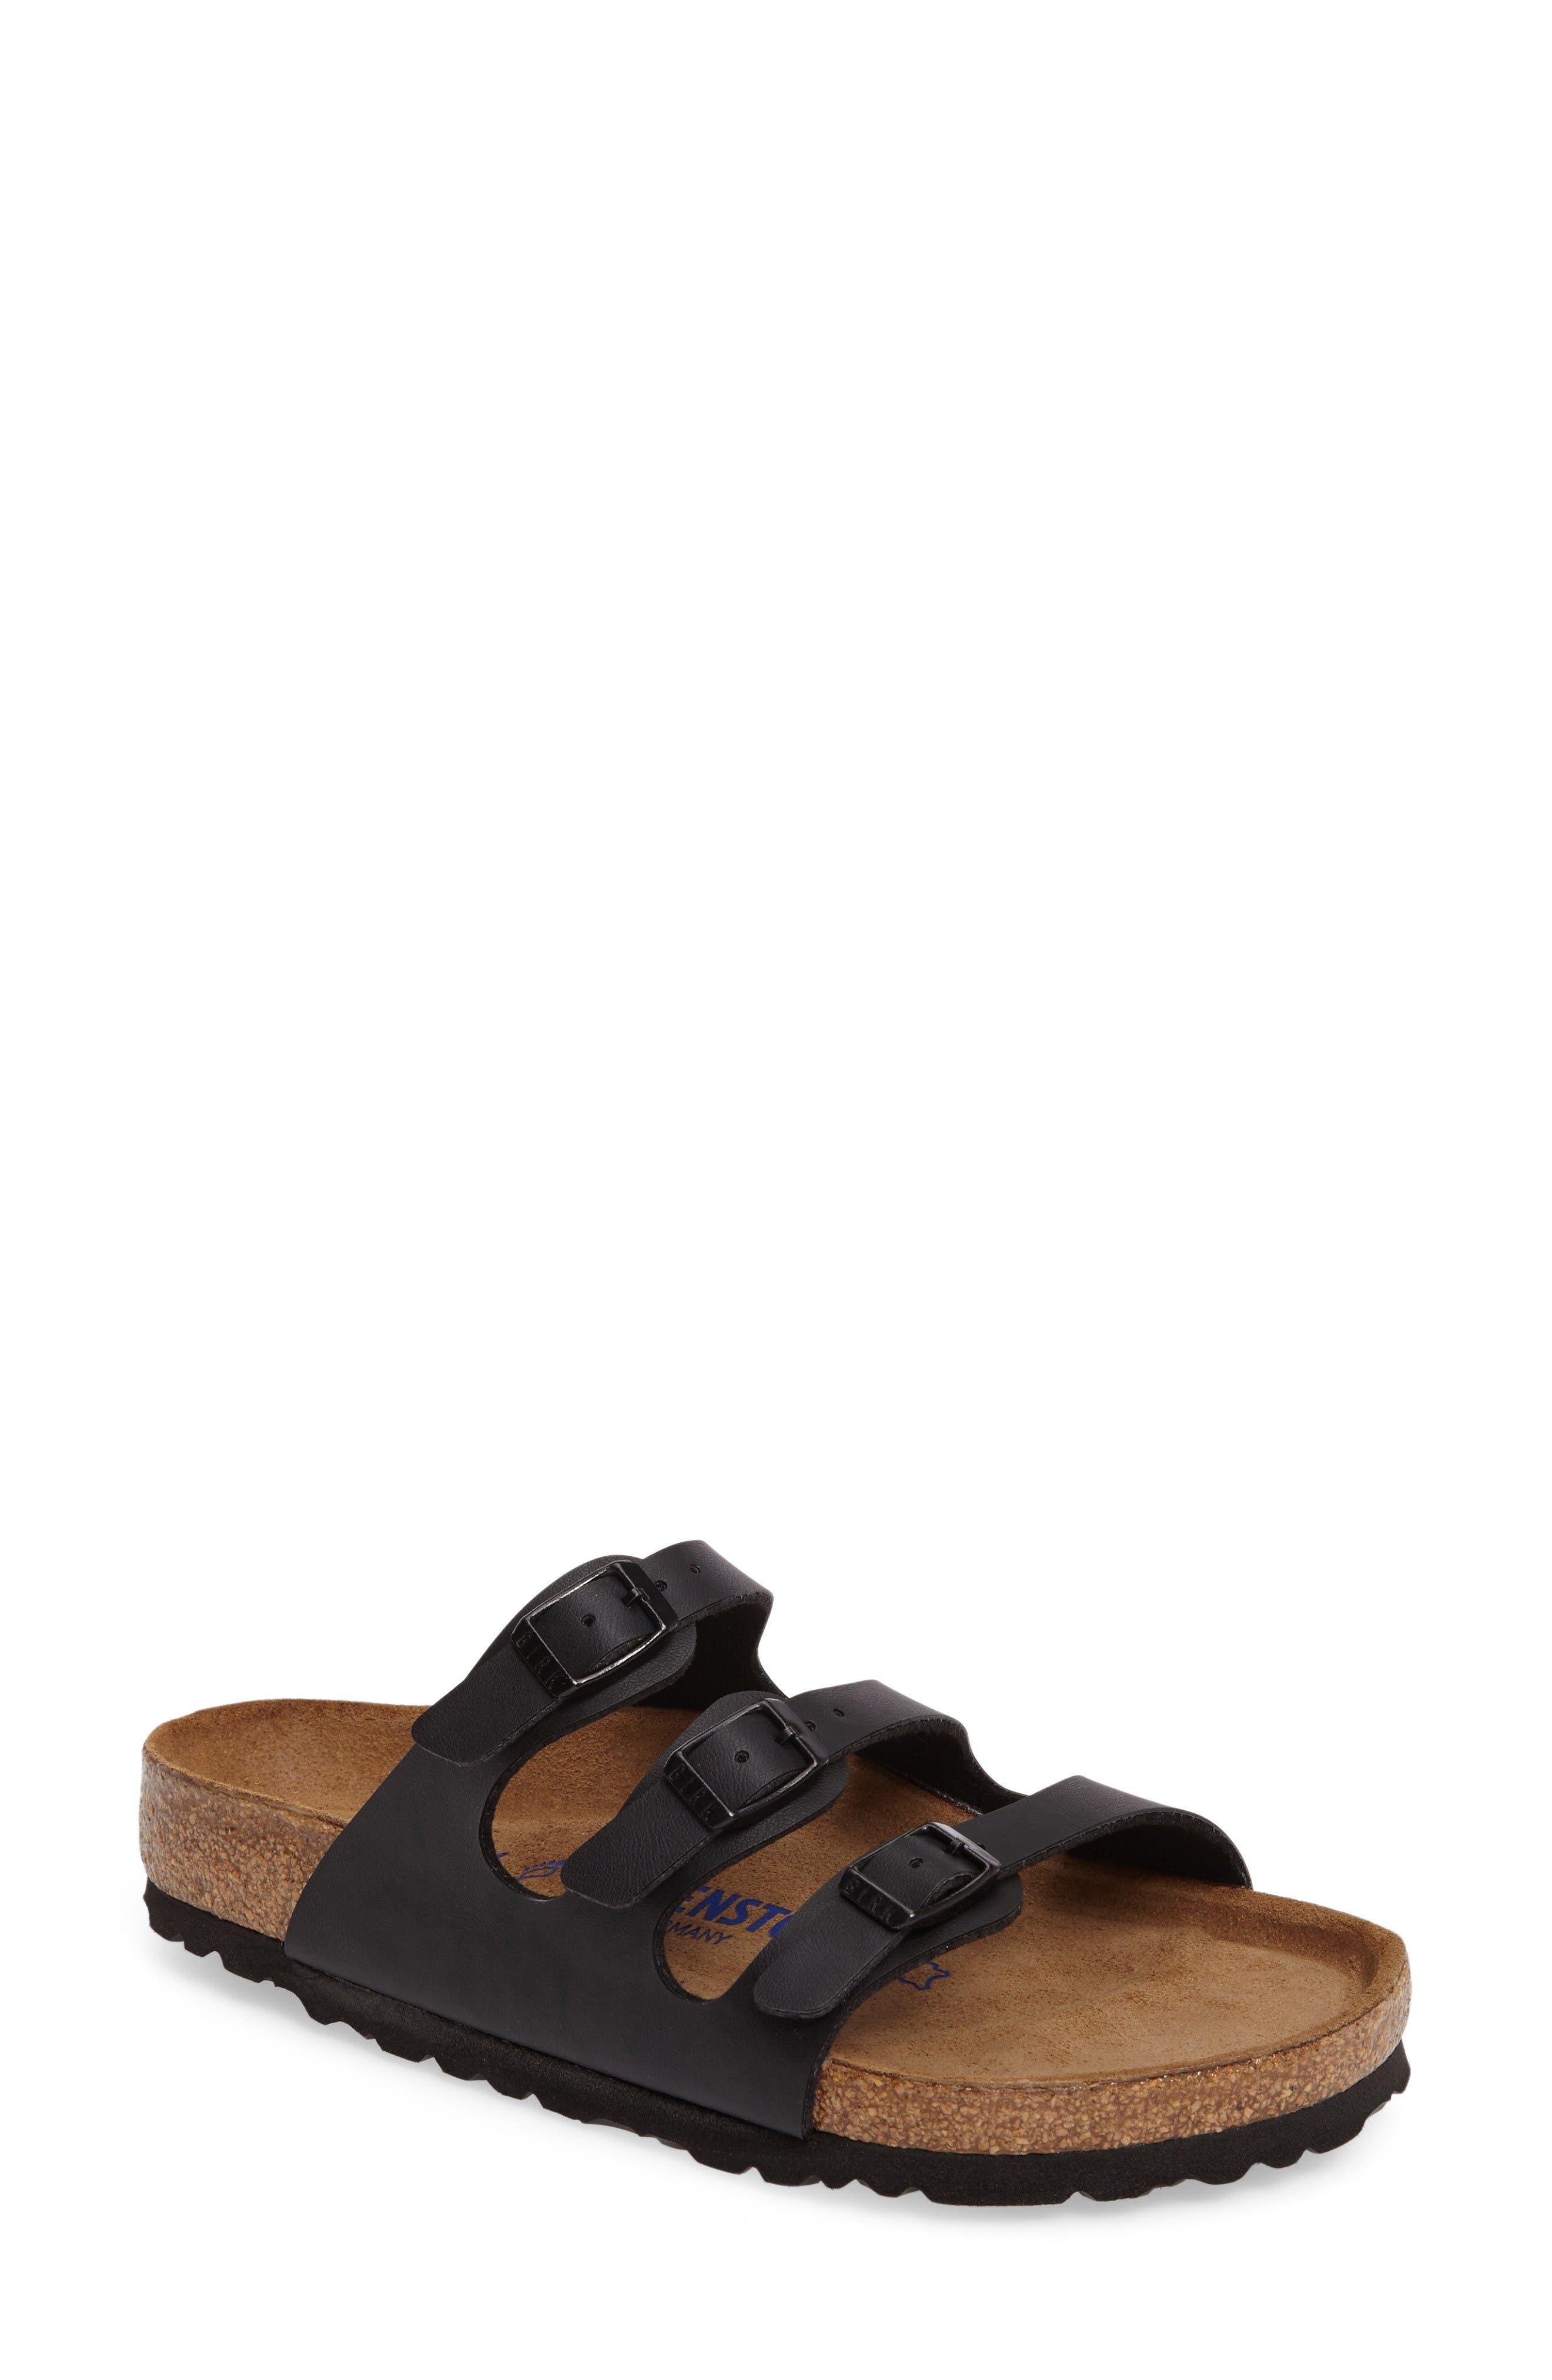 Alternate Image 1 Selected - Birkenstock Florida Soft Footbed Slide Sandal (Women)